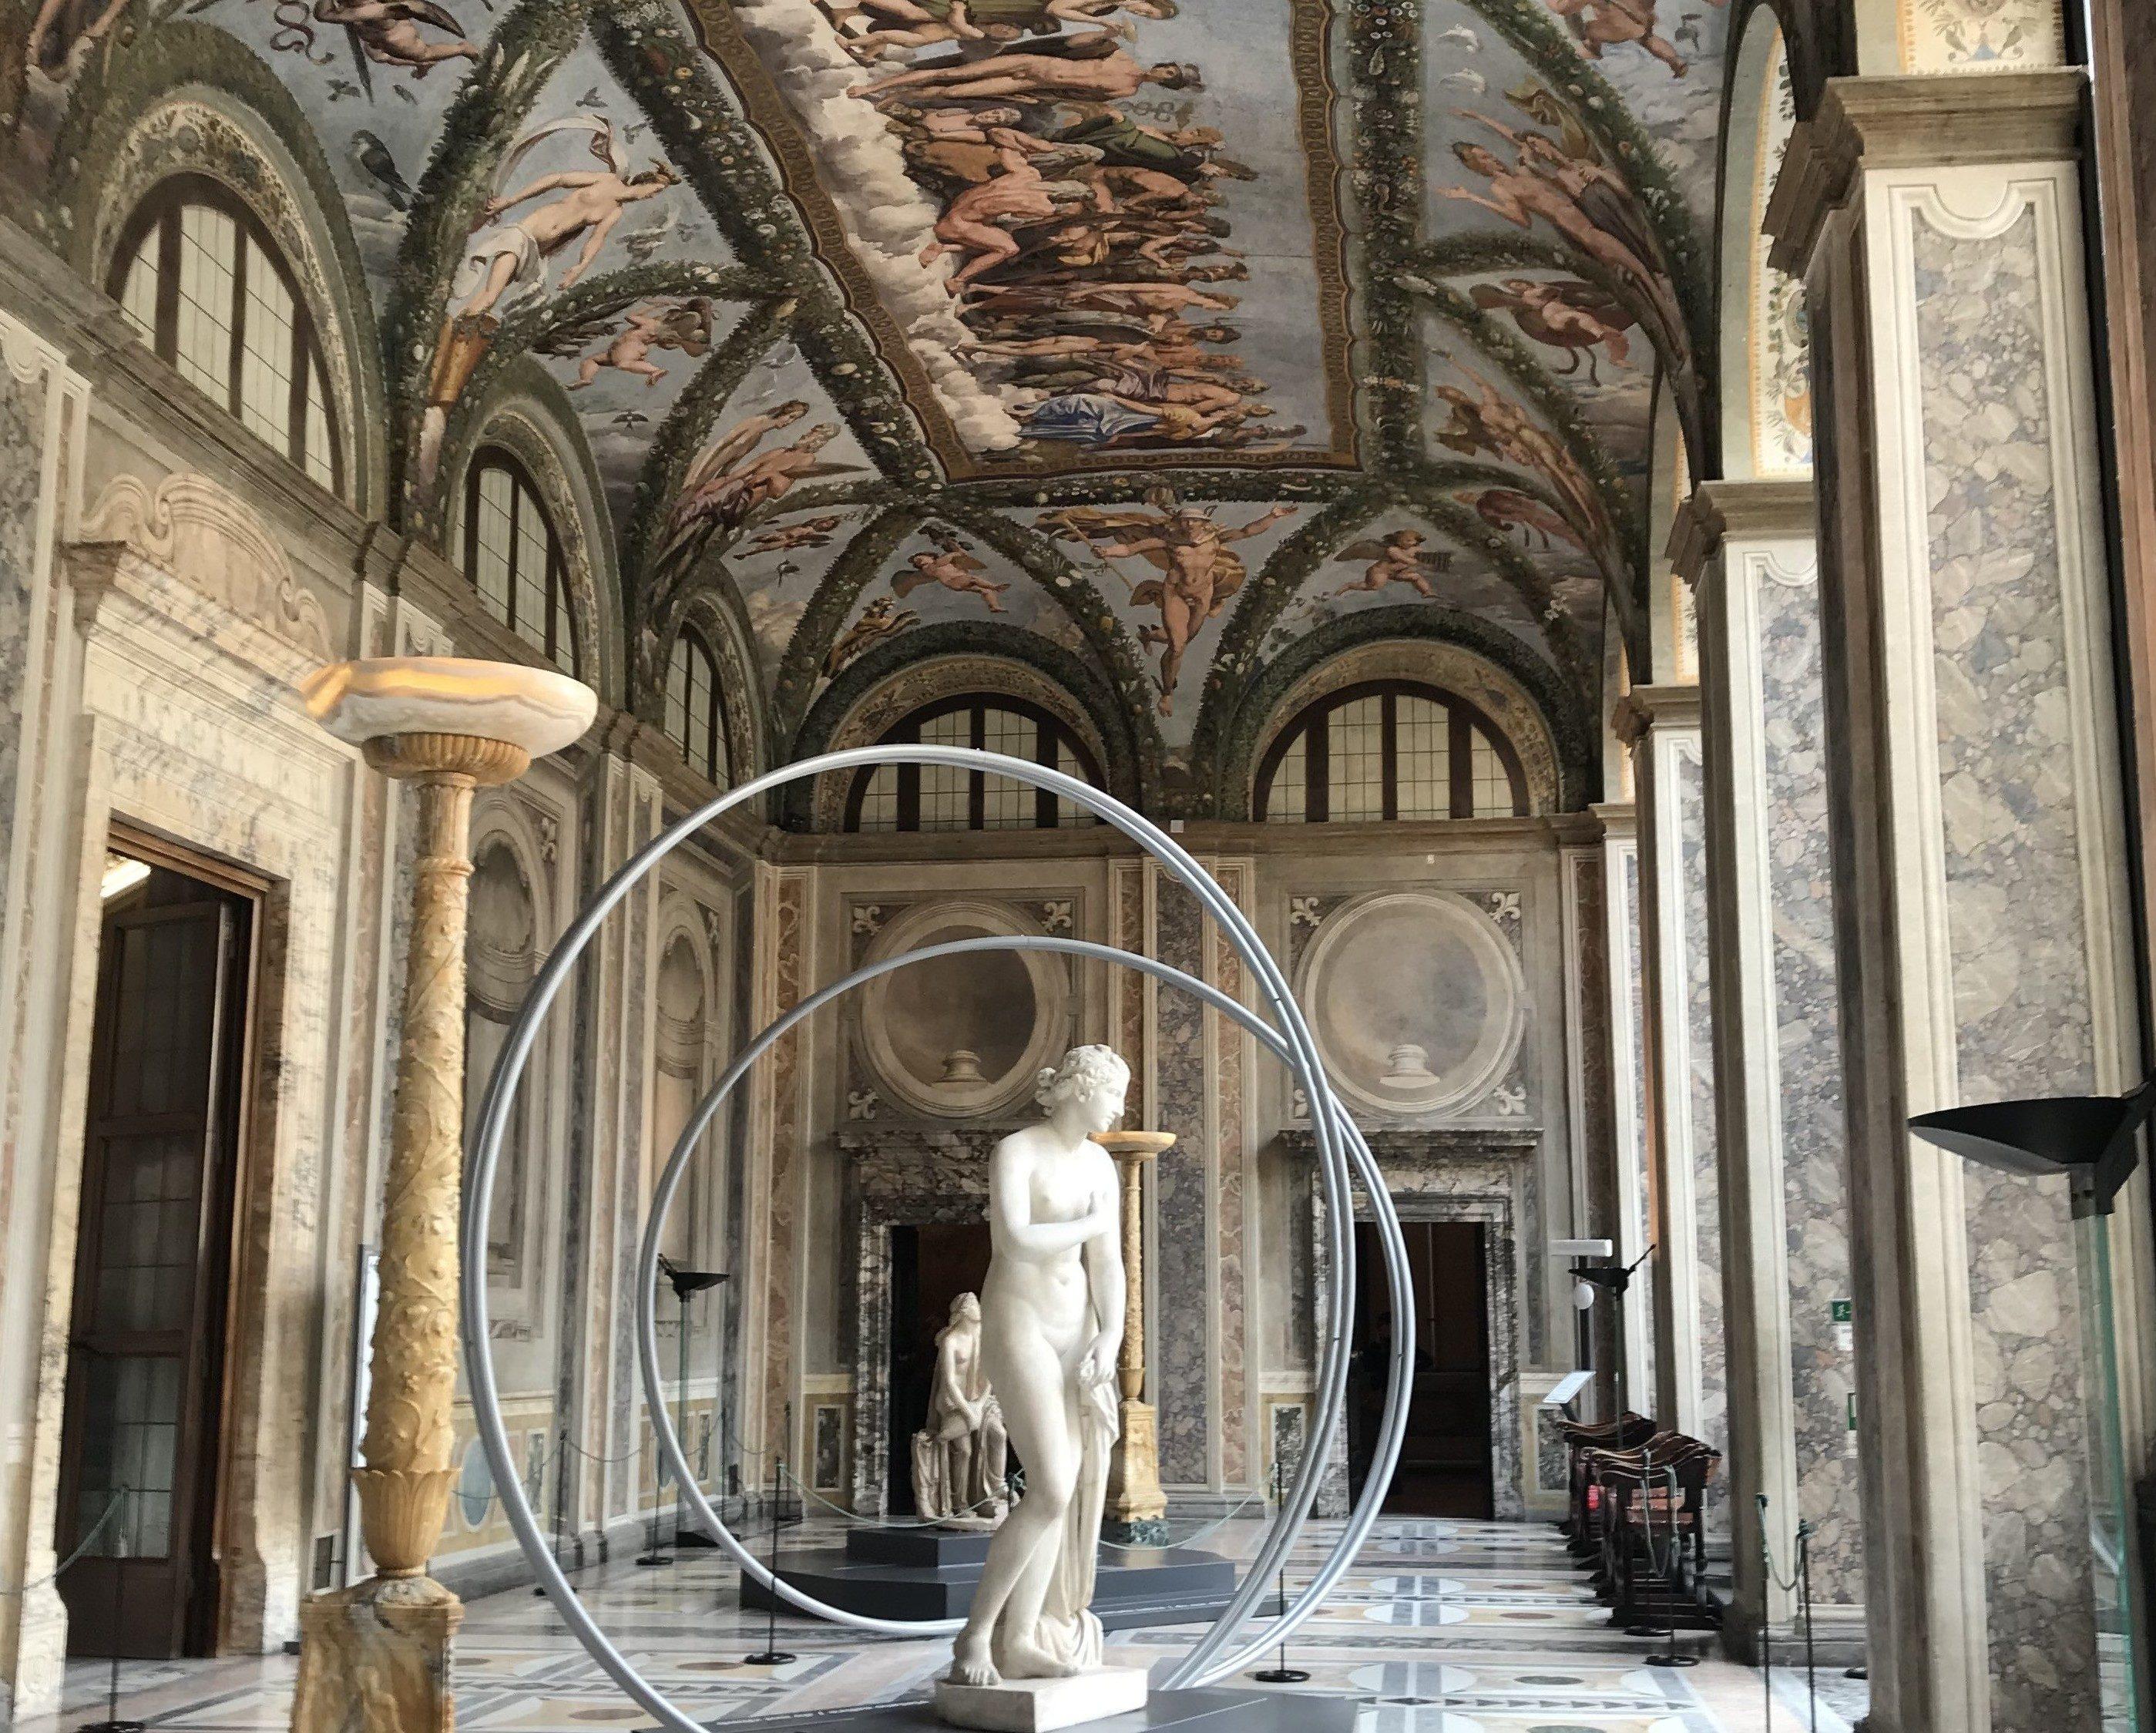 La loggia di Psiche - Art Club - Associazione culturale - Visite guidate a Roma - Raffaello Sanzio e Villa Farnesina